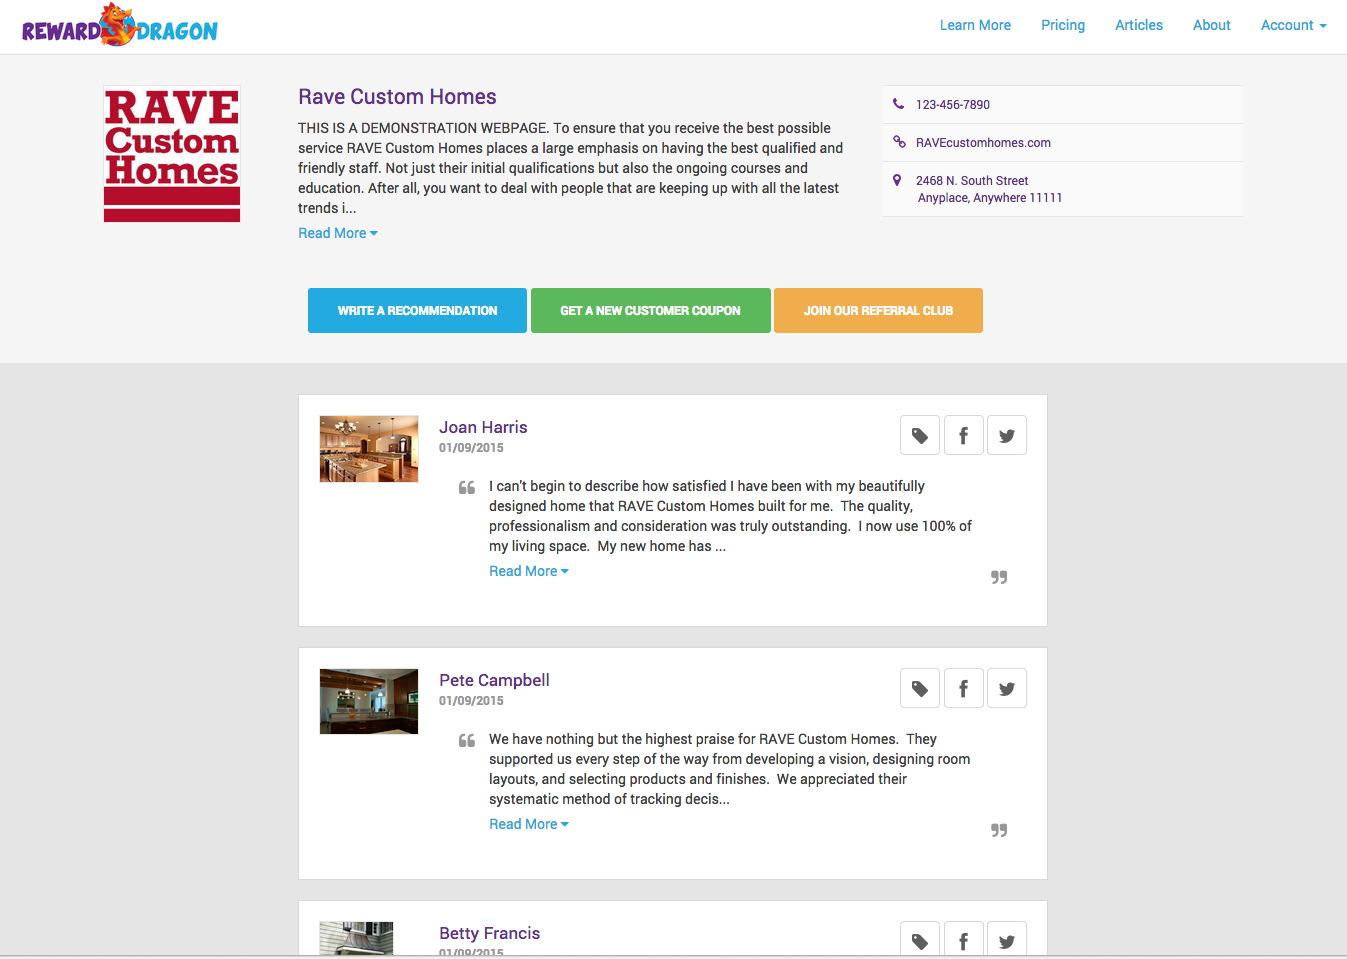 Reward Dragon Demo - Social Media Endorsements Lead to Gallery Page